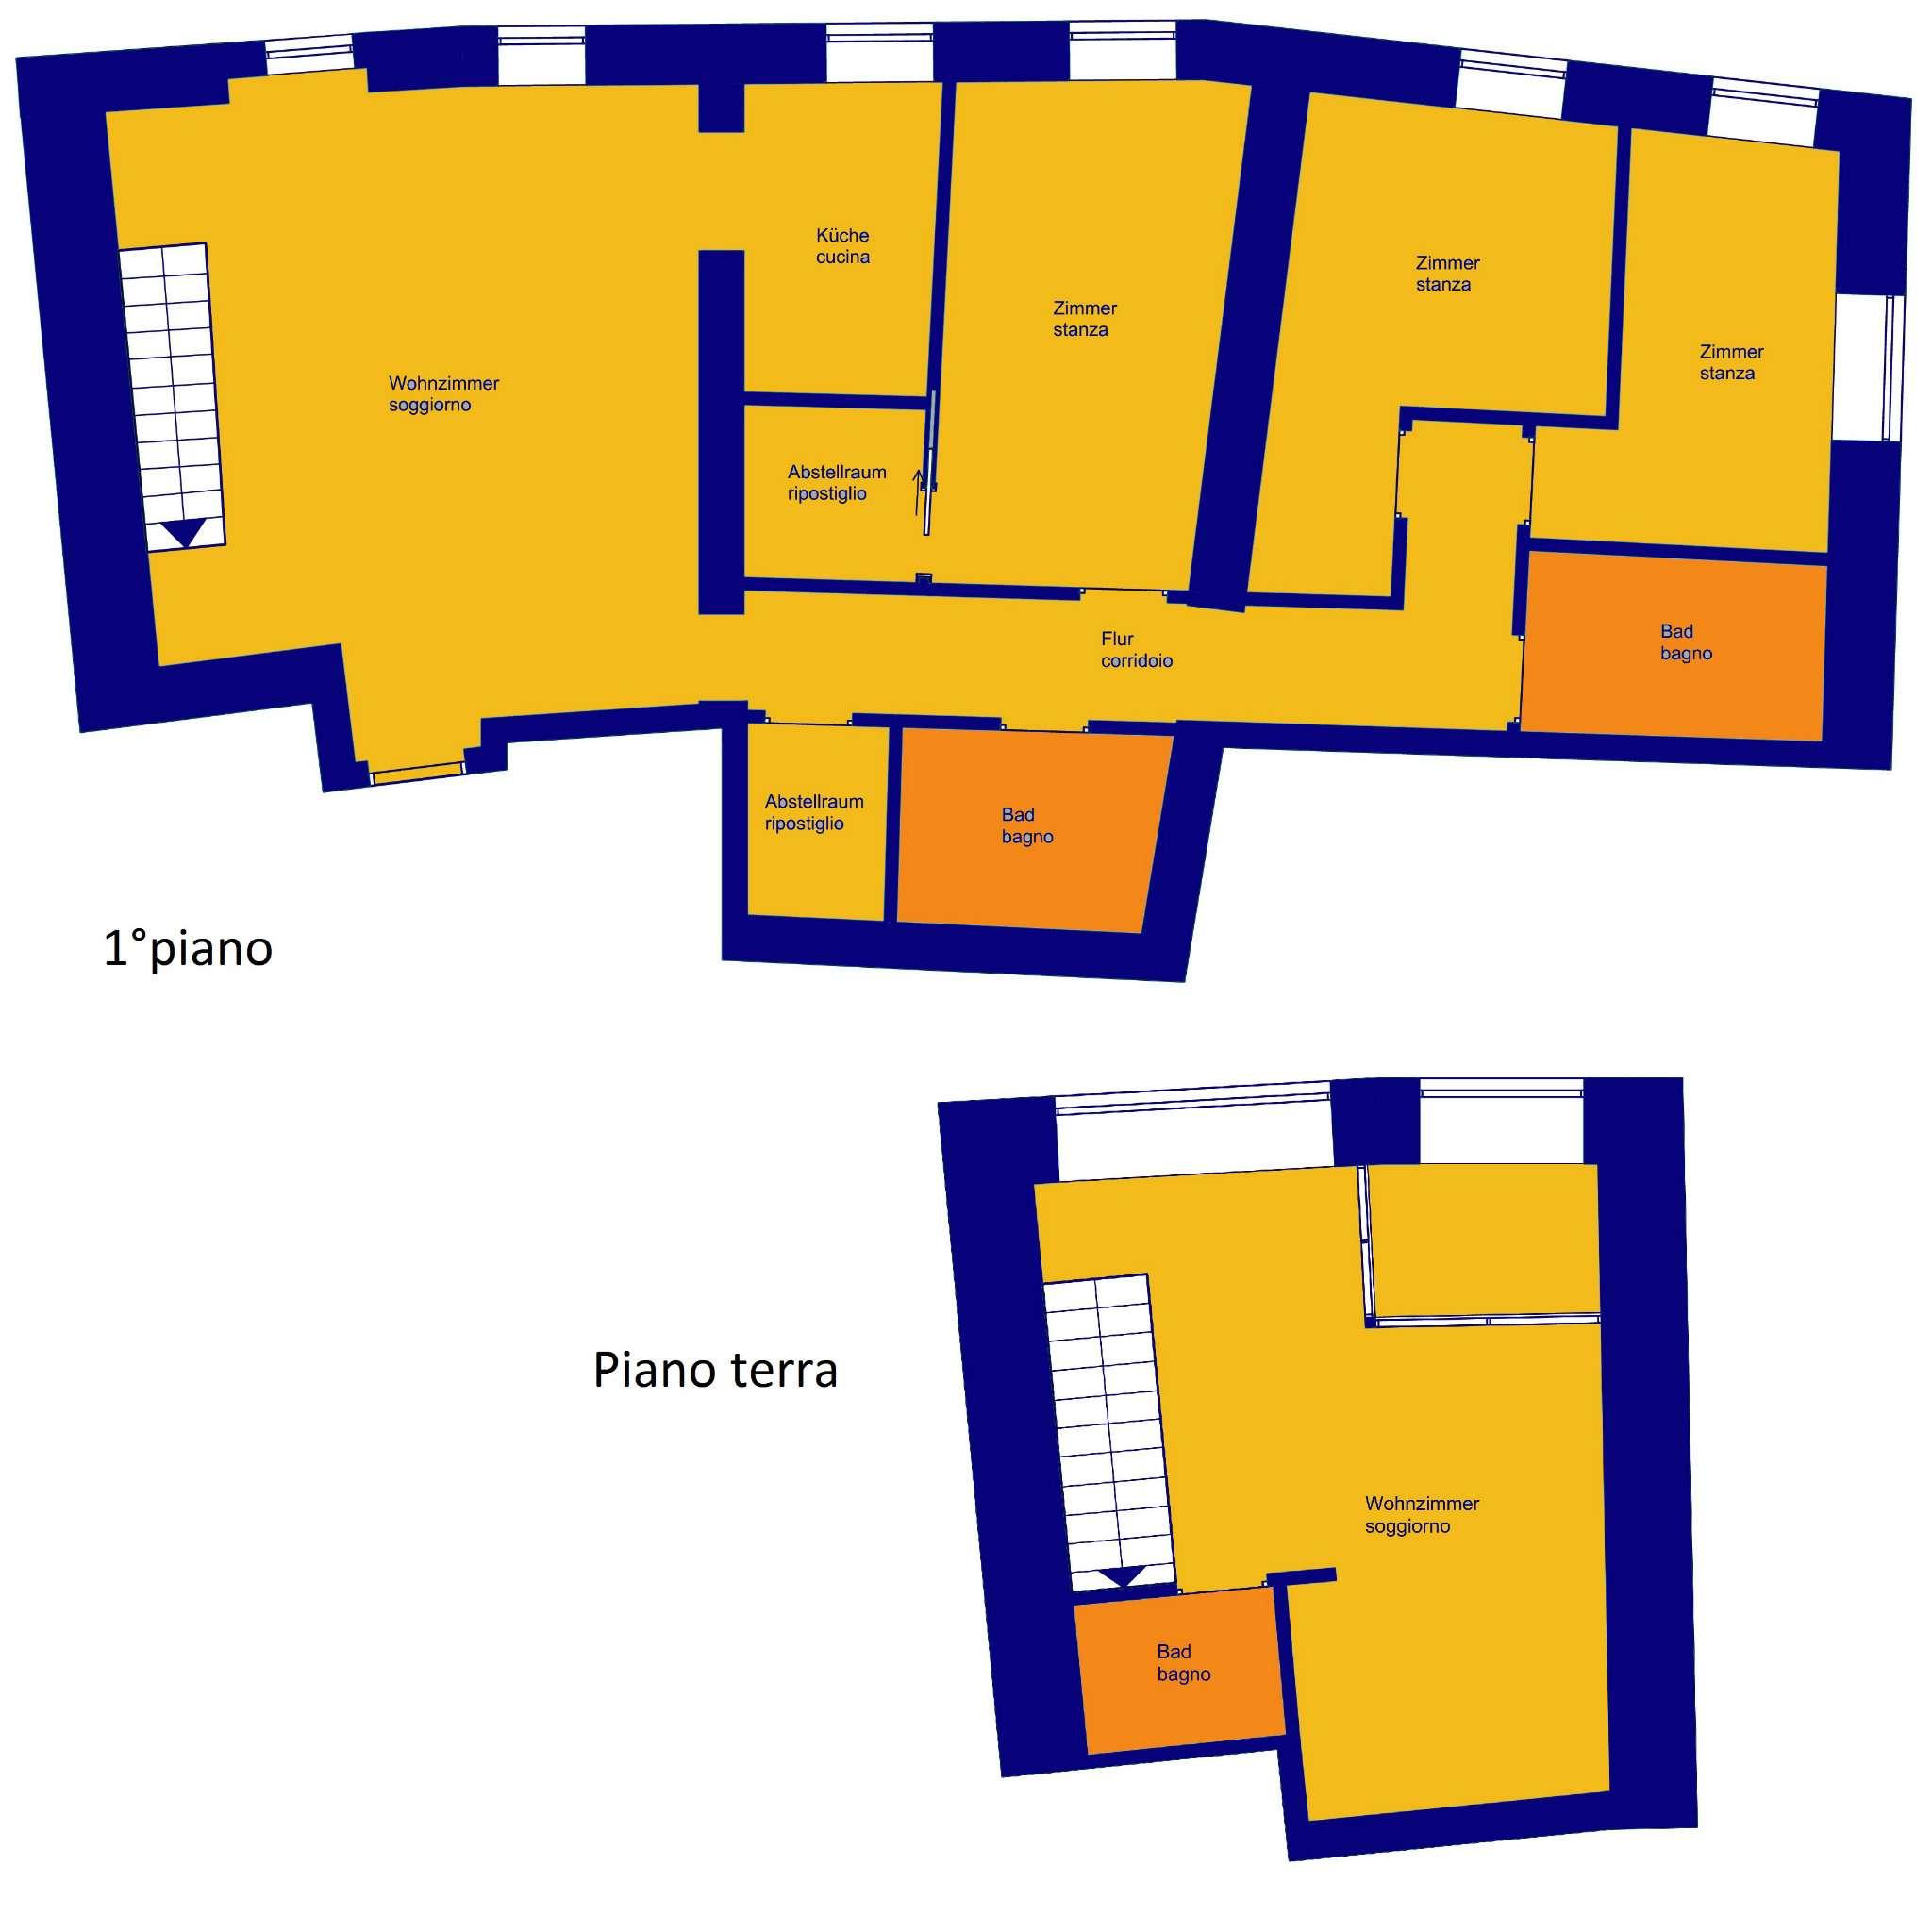 Appartamento In Vendita A Bolzano 5 Locali Prezzo EUR 860000